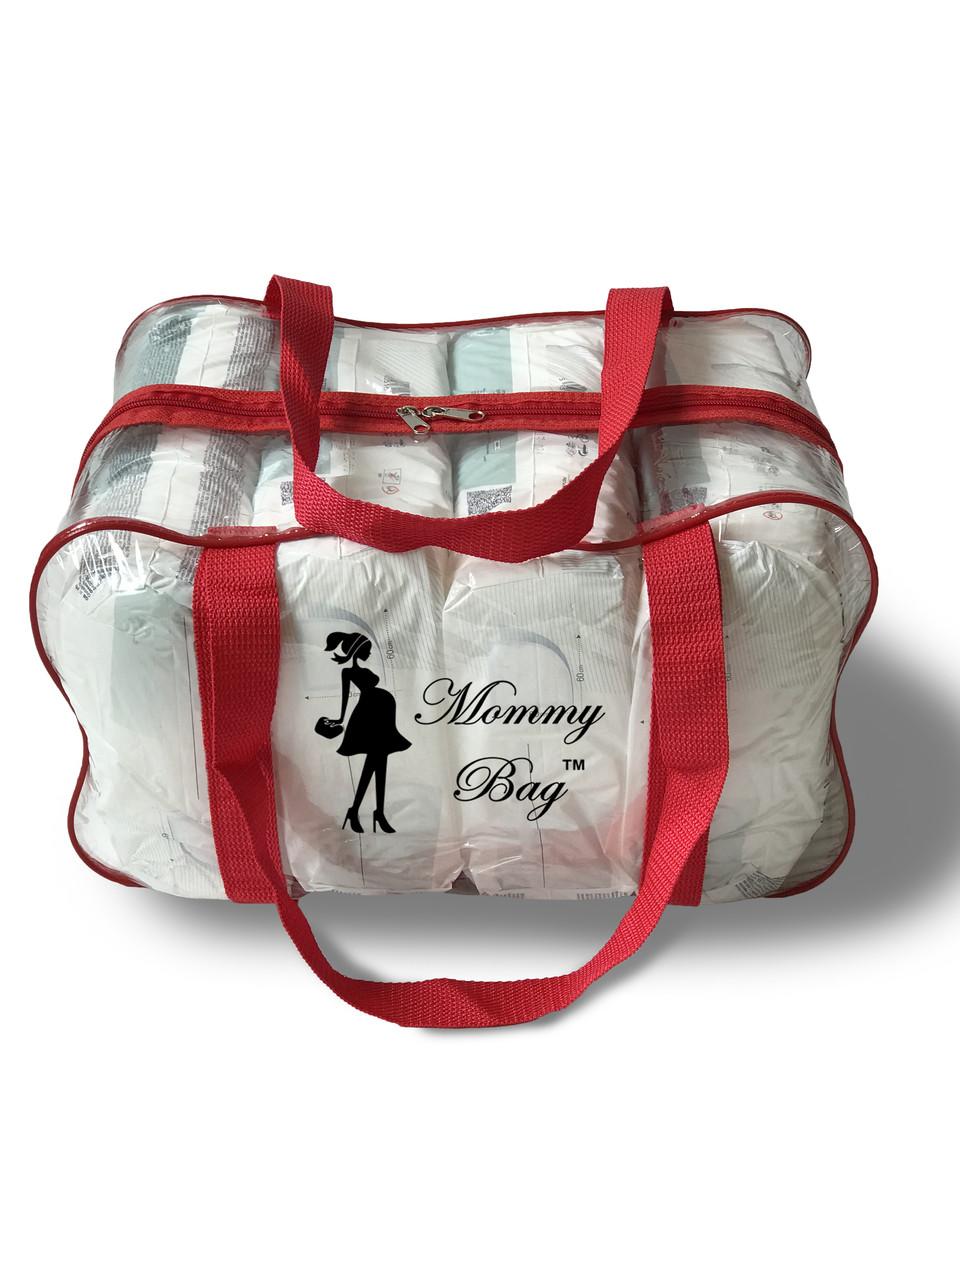 Сумка прозрачная в роддом Mommy Bag - M - 40*25*20 см Красная